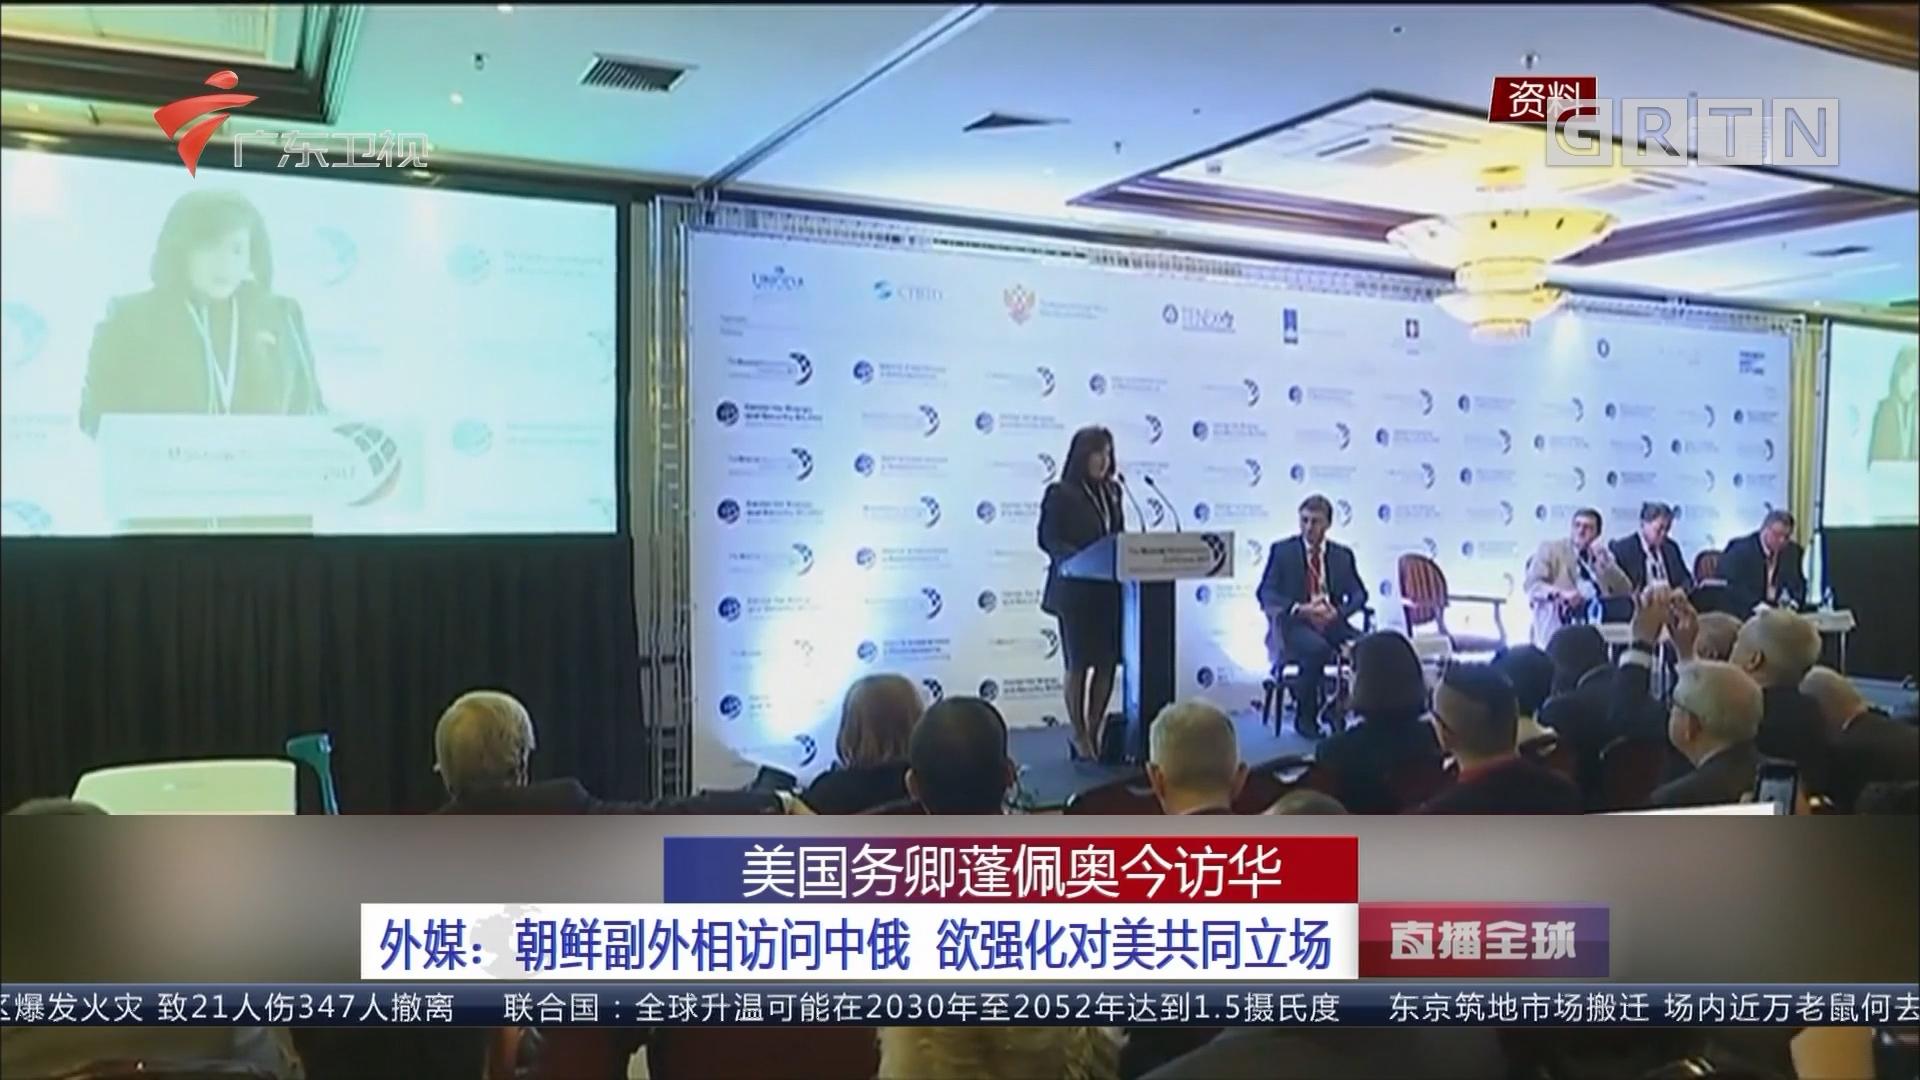 美国务卿蓬佩奥今访华 蓬佩奥:中国是解决朝鲜问题方案的一部分